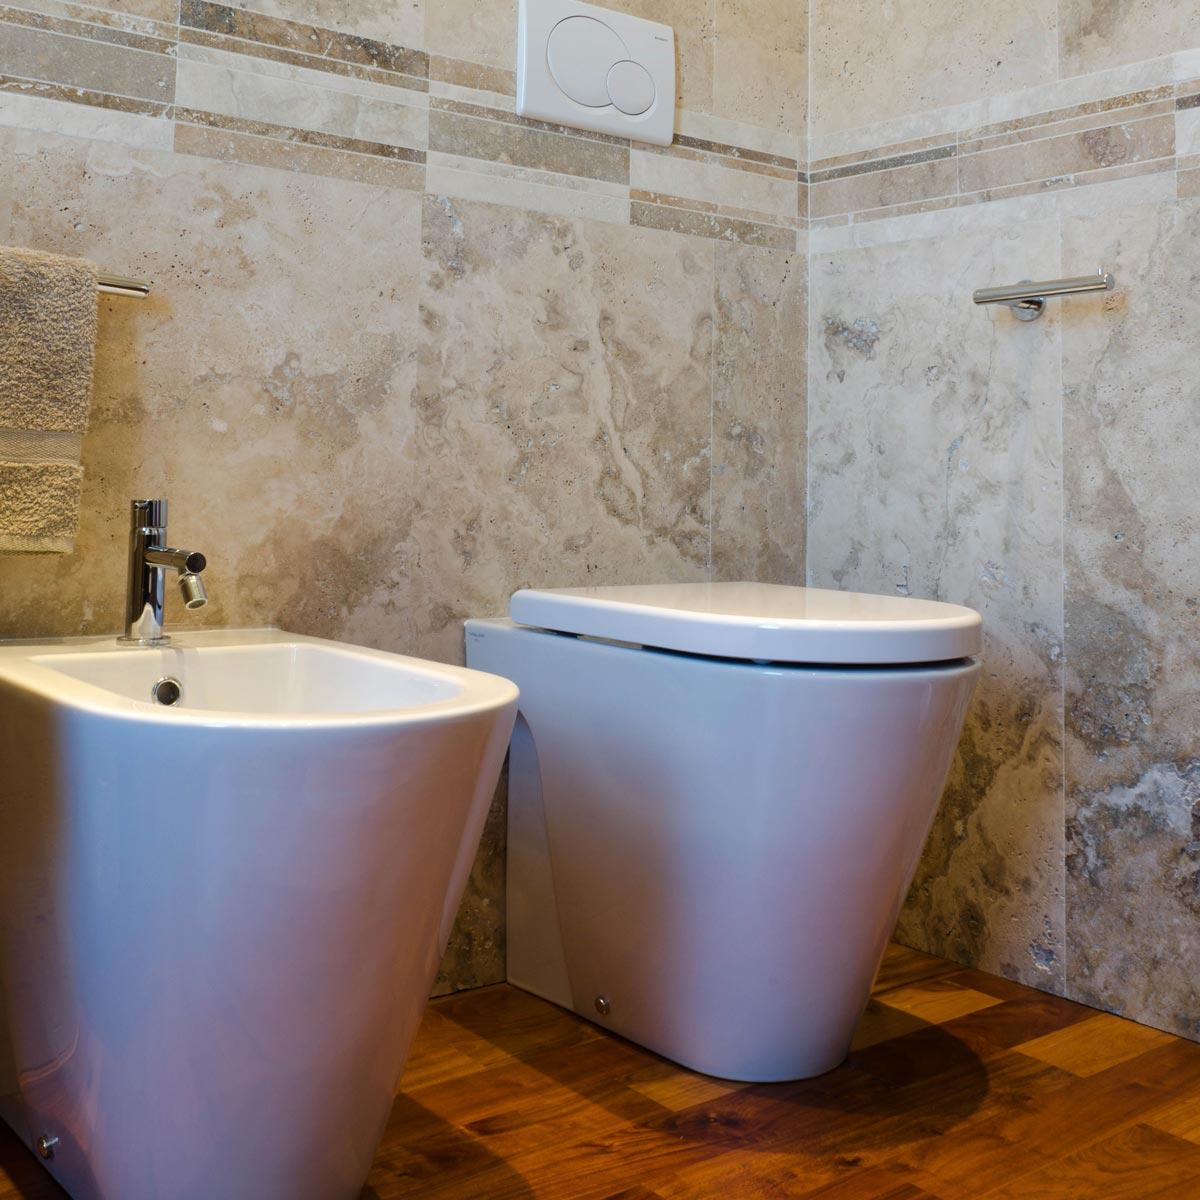 Bagno con rivestimento in travertino e pavimento in legno - Parquet nel bagno ...